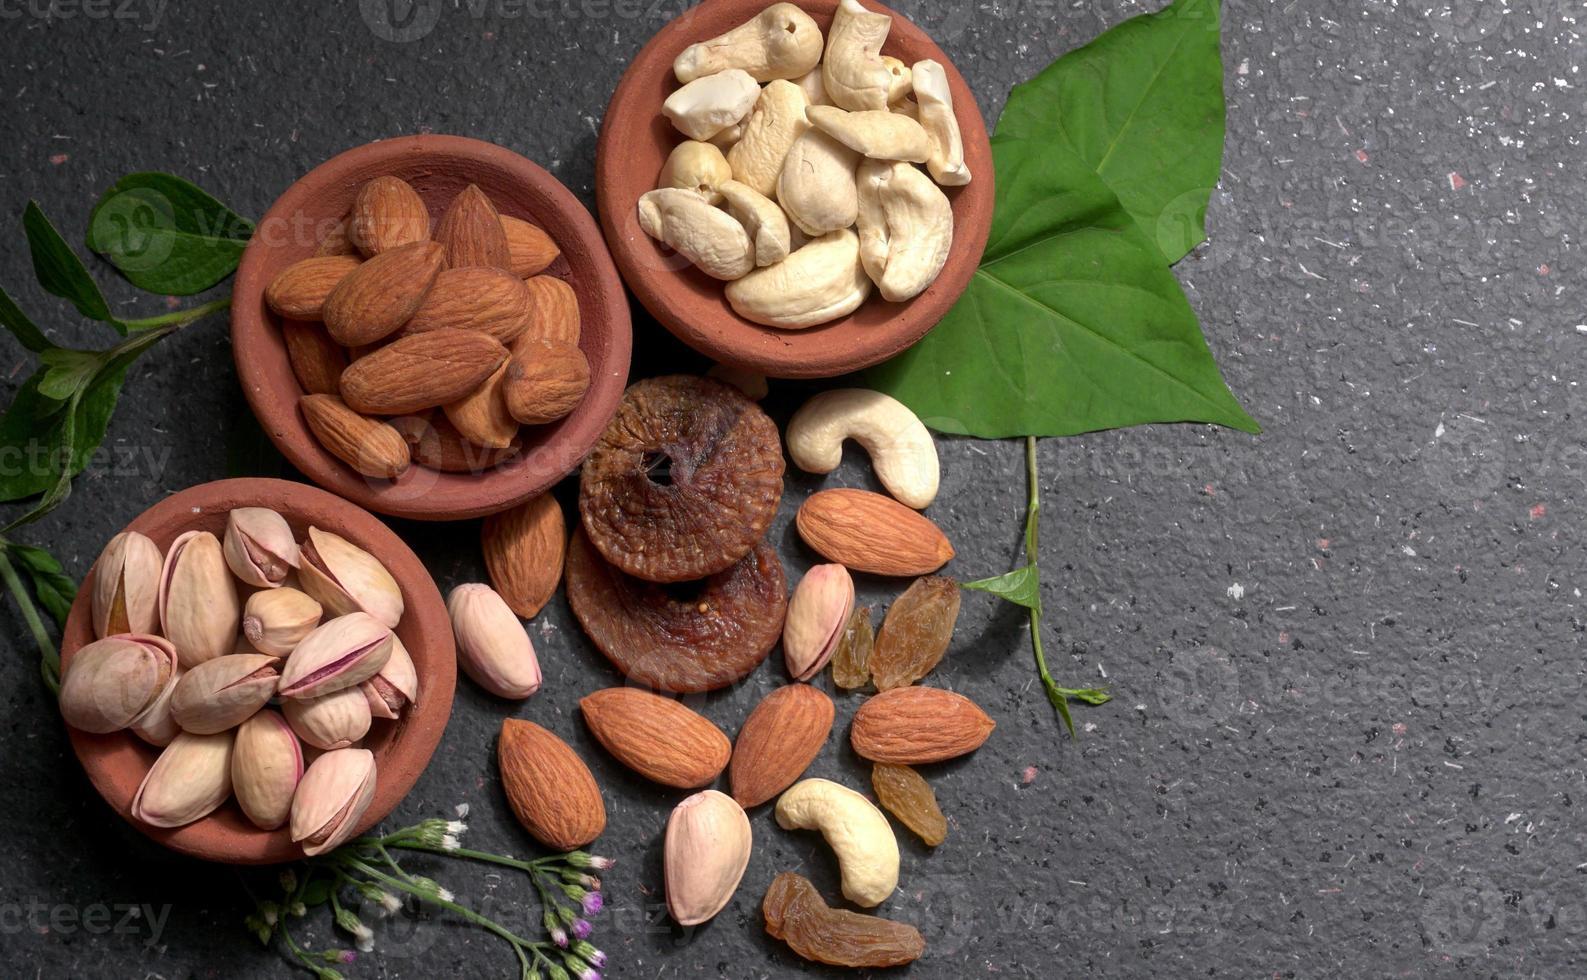 fruits secs, noix de cajou et amandes. concept d'alimentation saine. photo